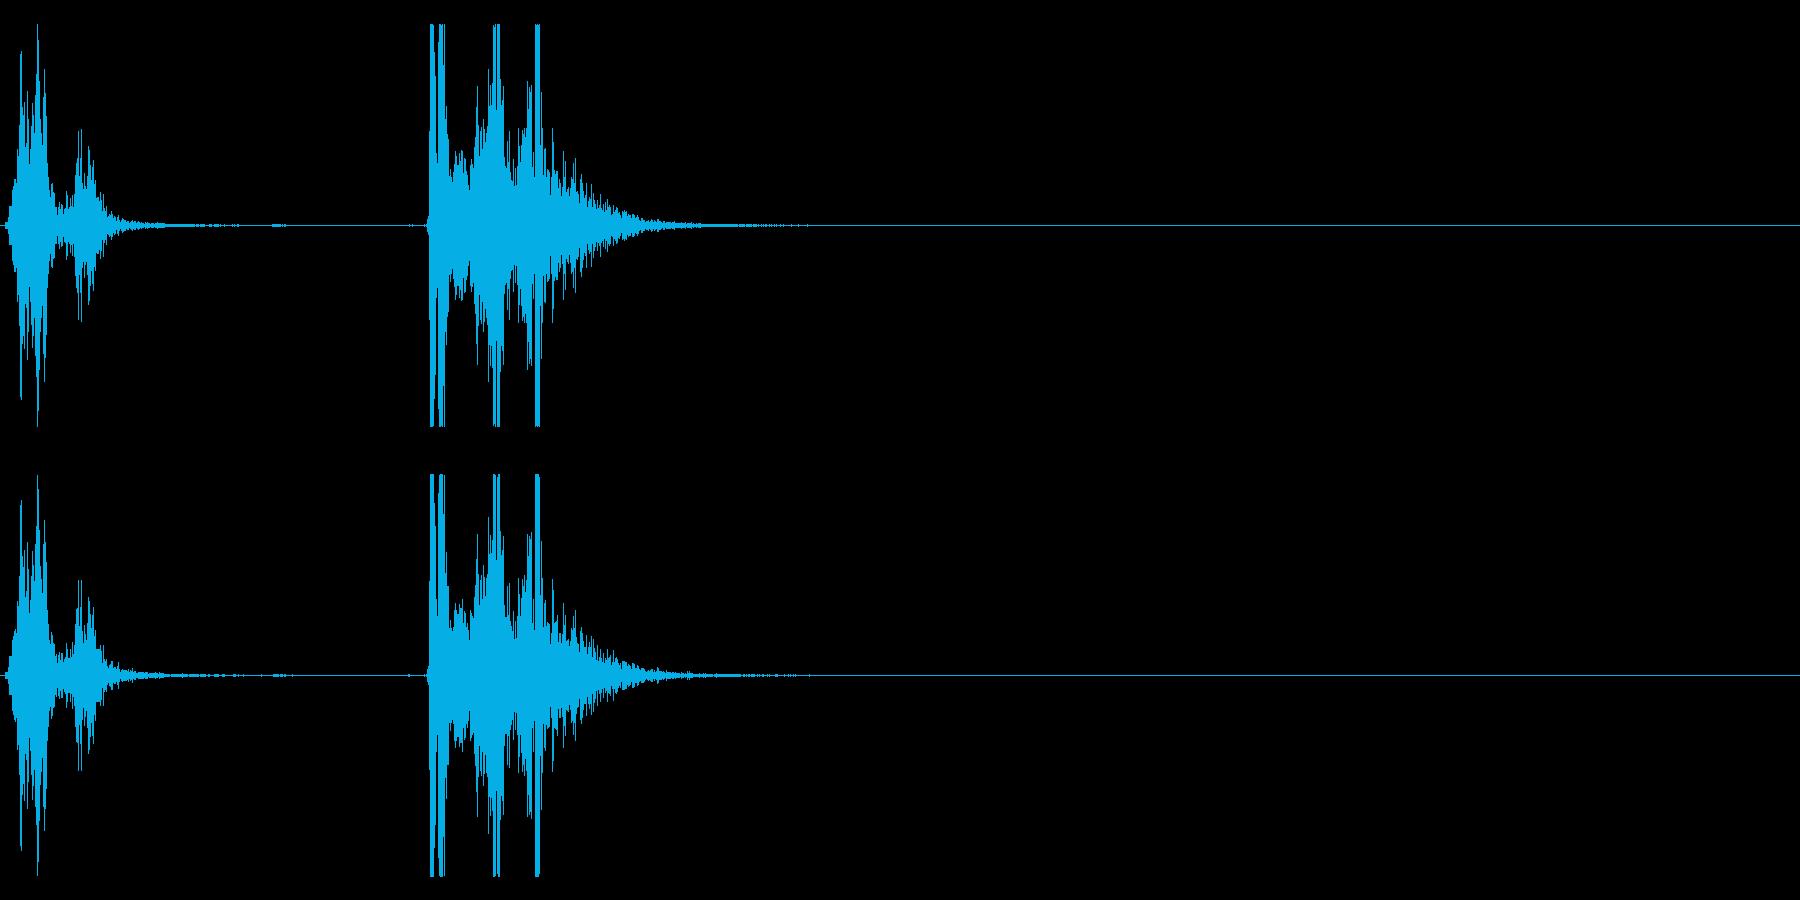 【生録音】タッパー・弁当箱を開ける音 2の再生済みの波形